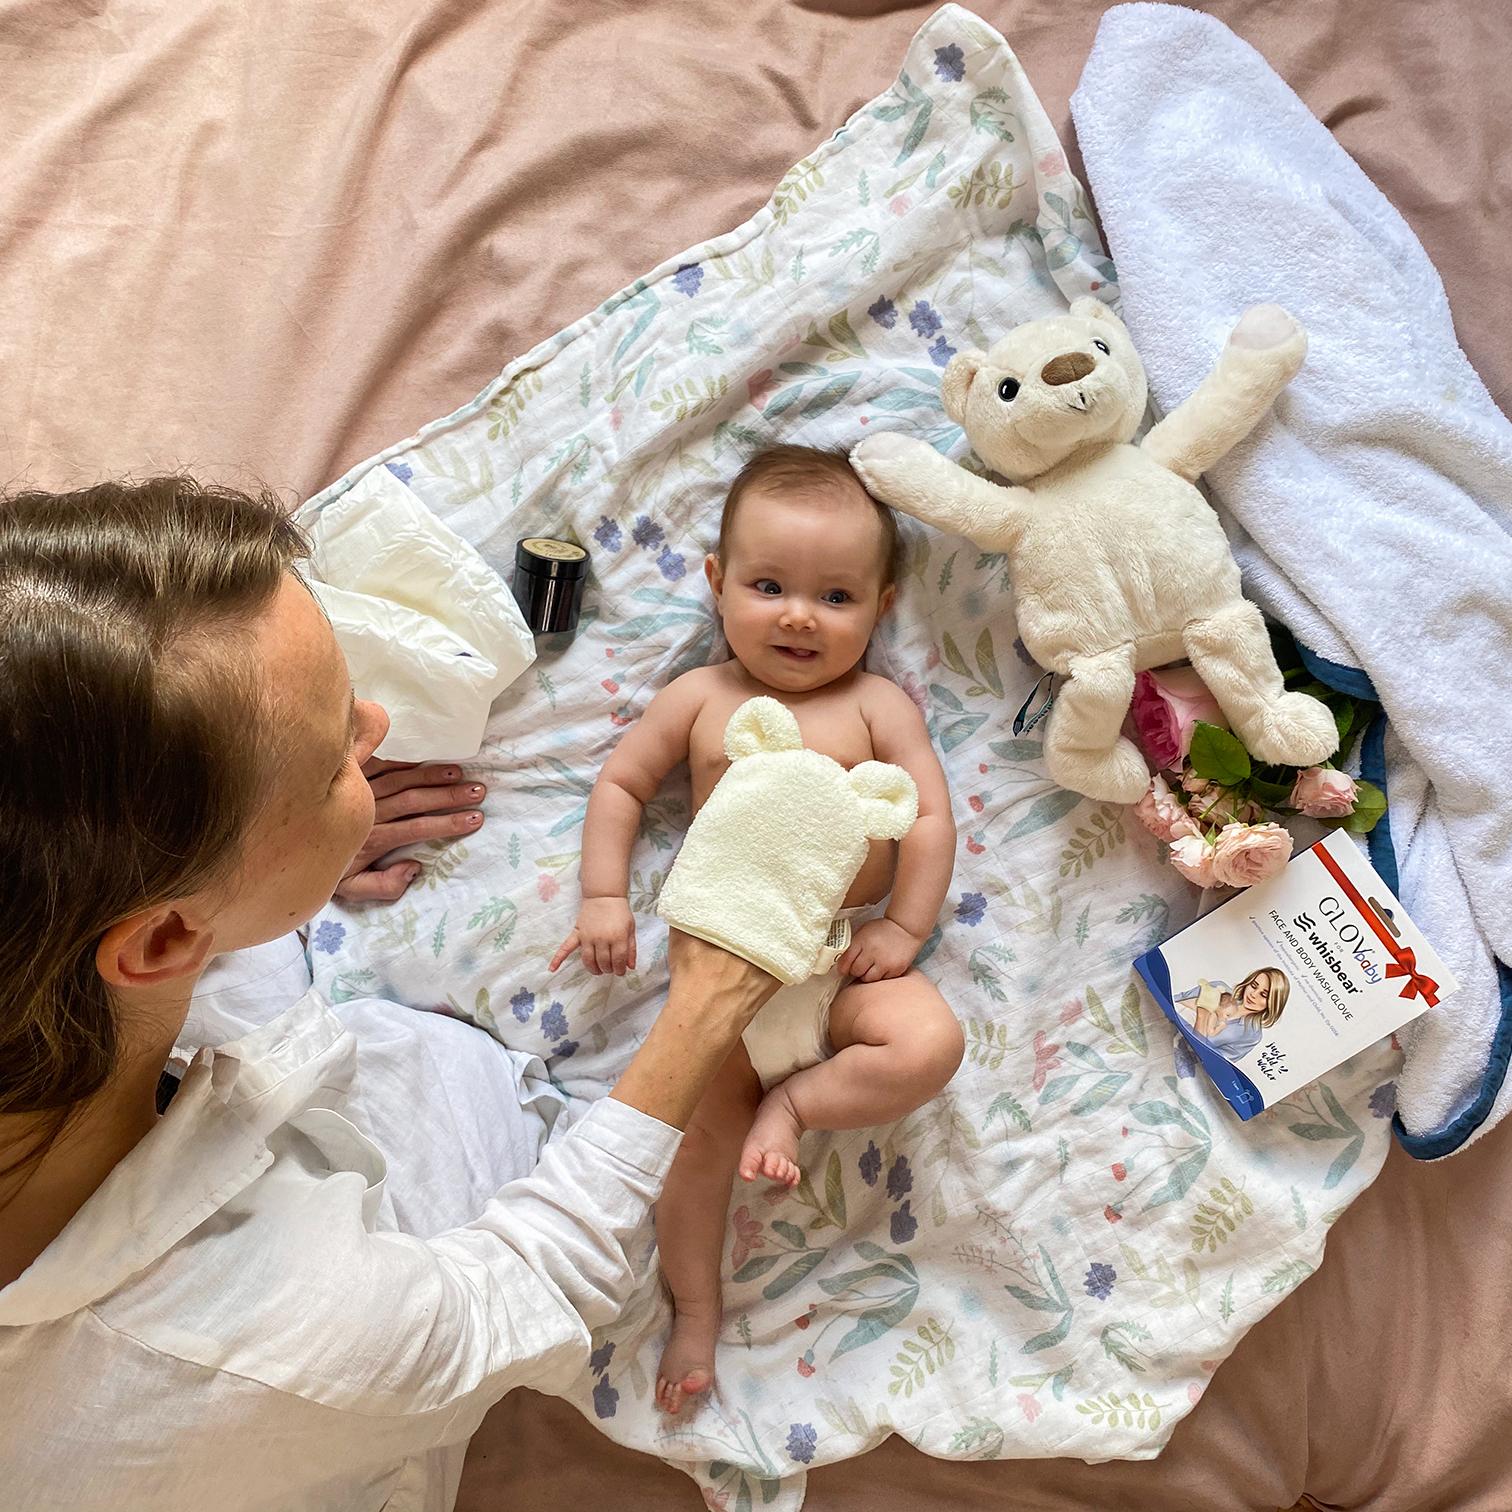 Codzienna pielęgnacja niemowlęcia - co musisz wiedzieć?